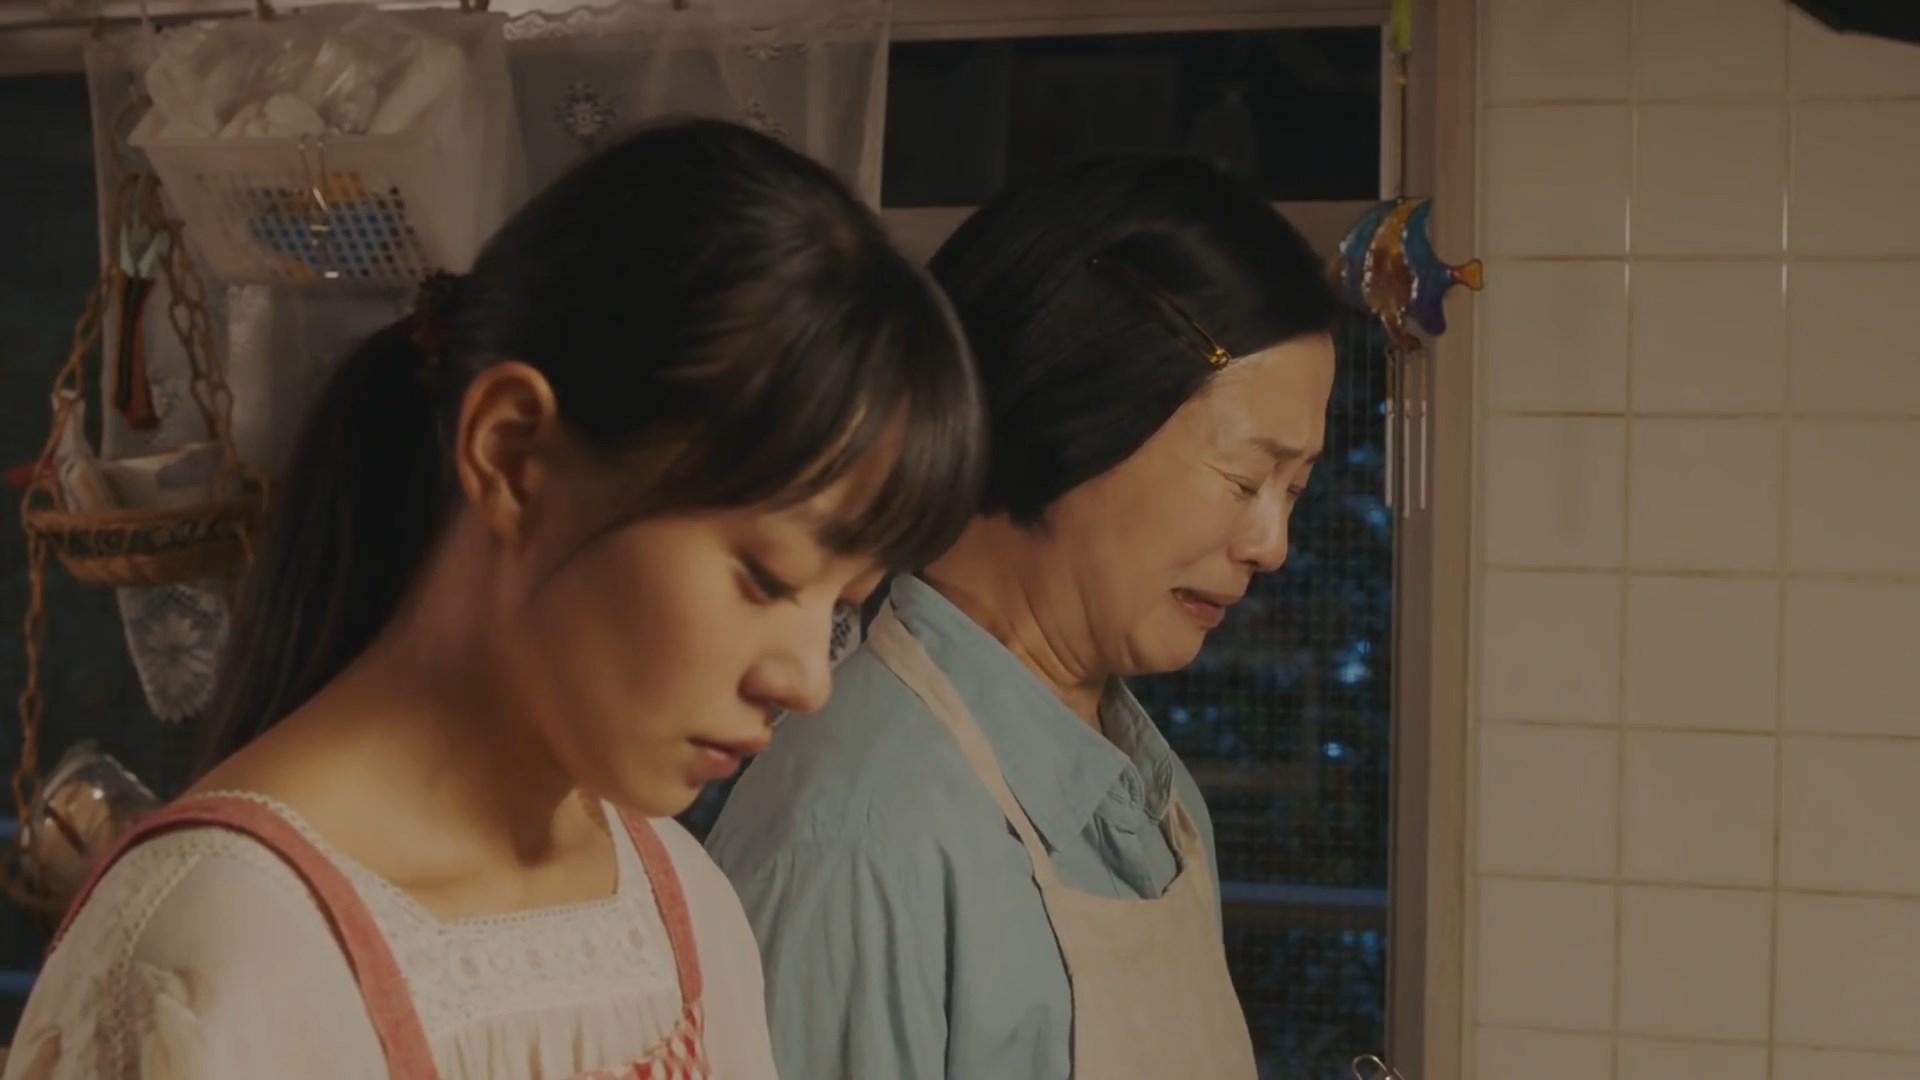 坂井真紀 奈緒 東京ガス CM 「家族の絆 ウチの家族」篇